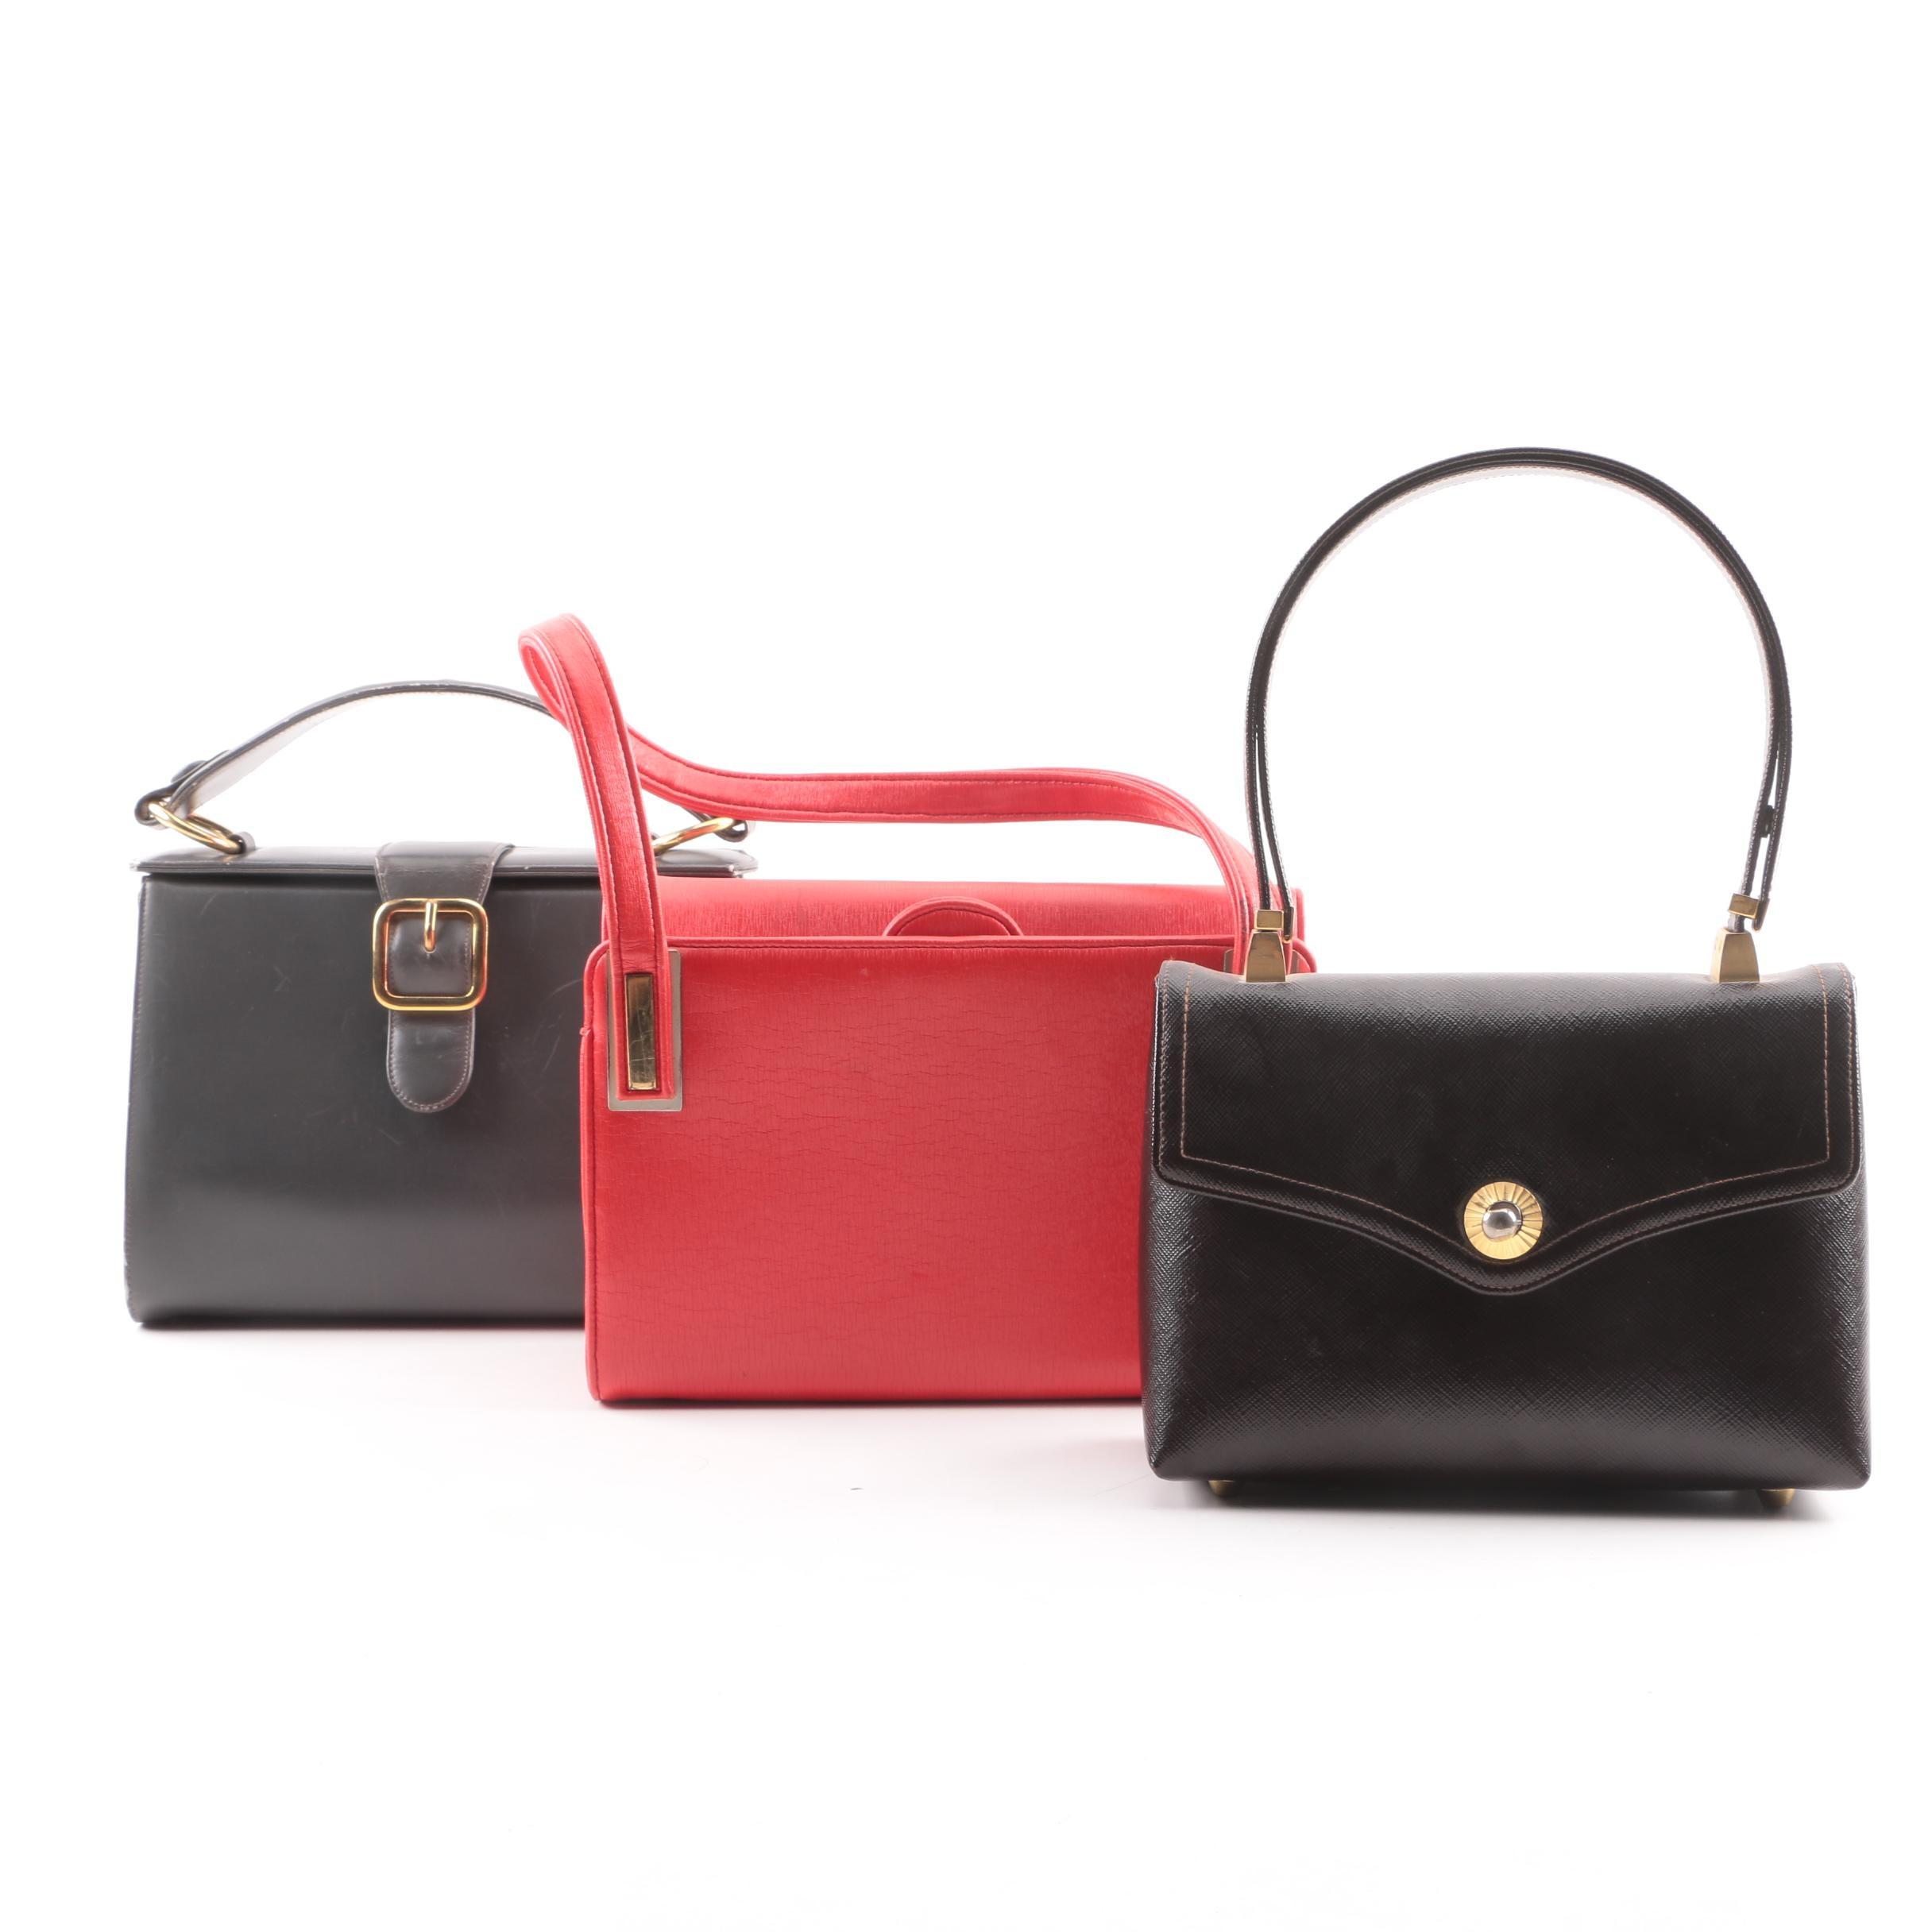 Vintage Top-Handle Handbags Including Bienen-Davis and Koret